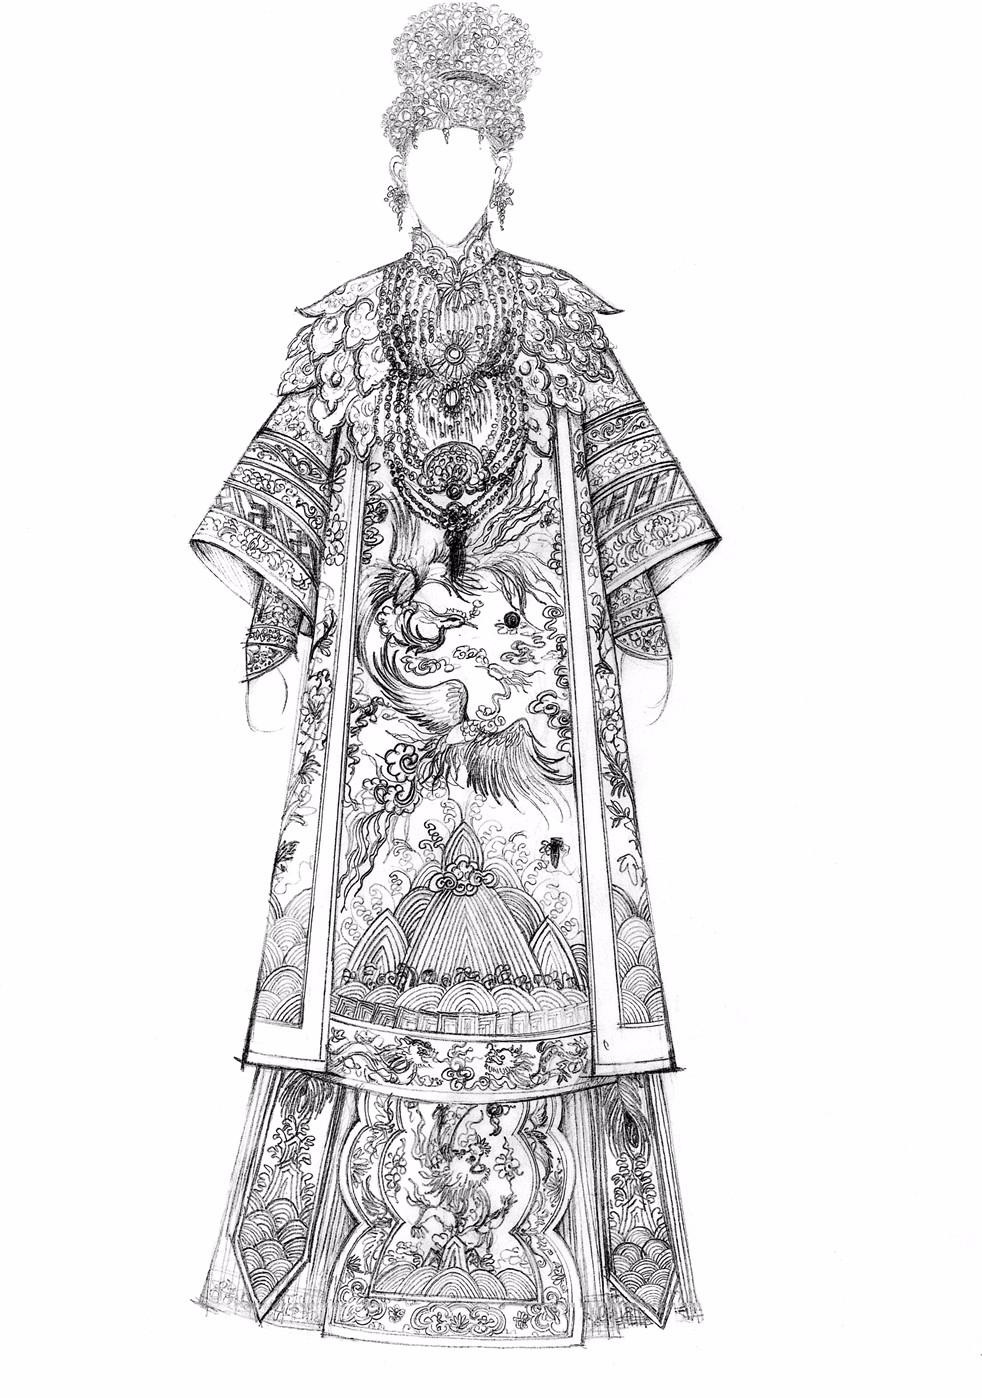 手绘婚纱设计图 铅笔画步骤展示